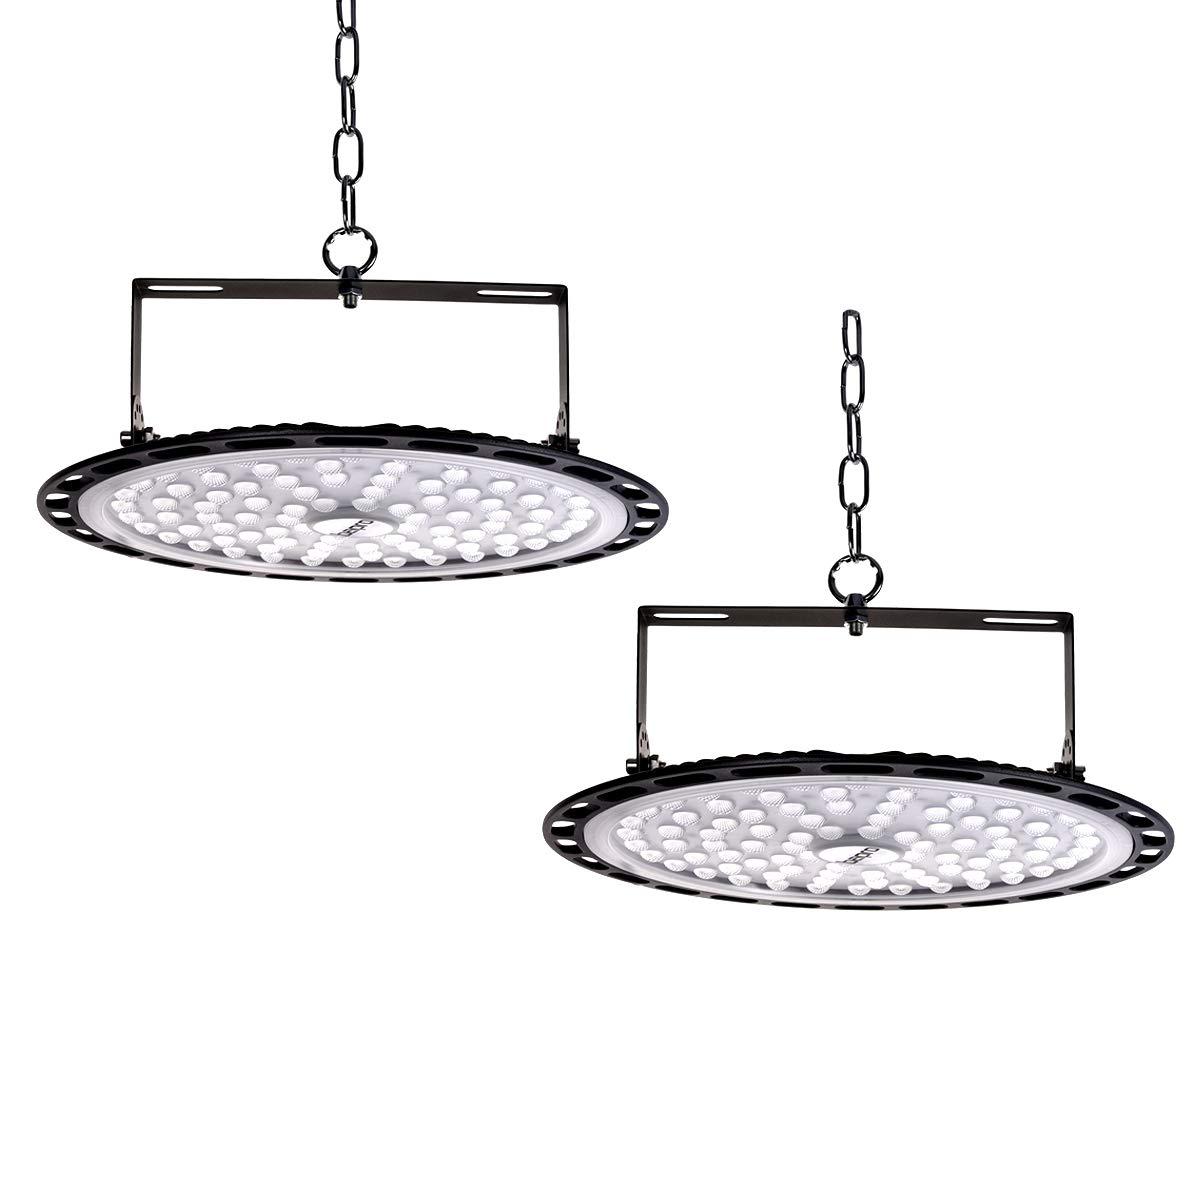 10er Led UFO Industrielampe,Led Hallenstrahler kaltwei/ß 6000K Industrieleuchte LED Strahler f/ür Werkst/ätten und Fabrikhallen 10000LM Industriestrahler 10er, 100W